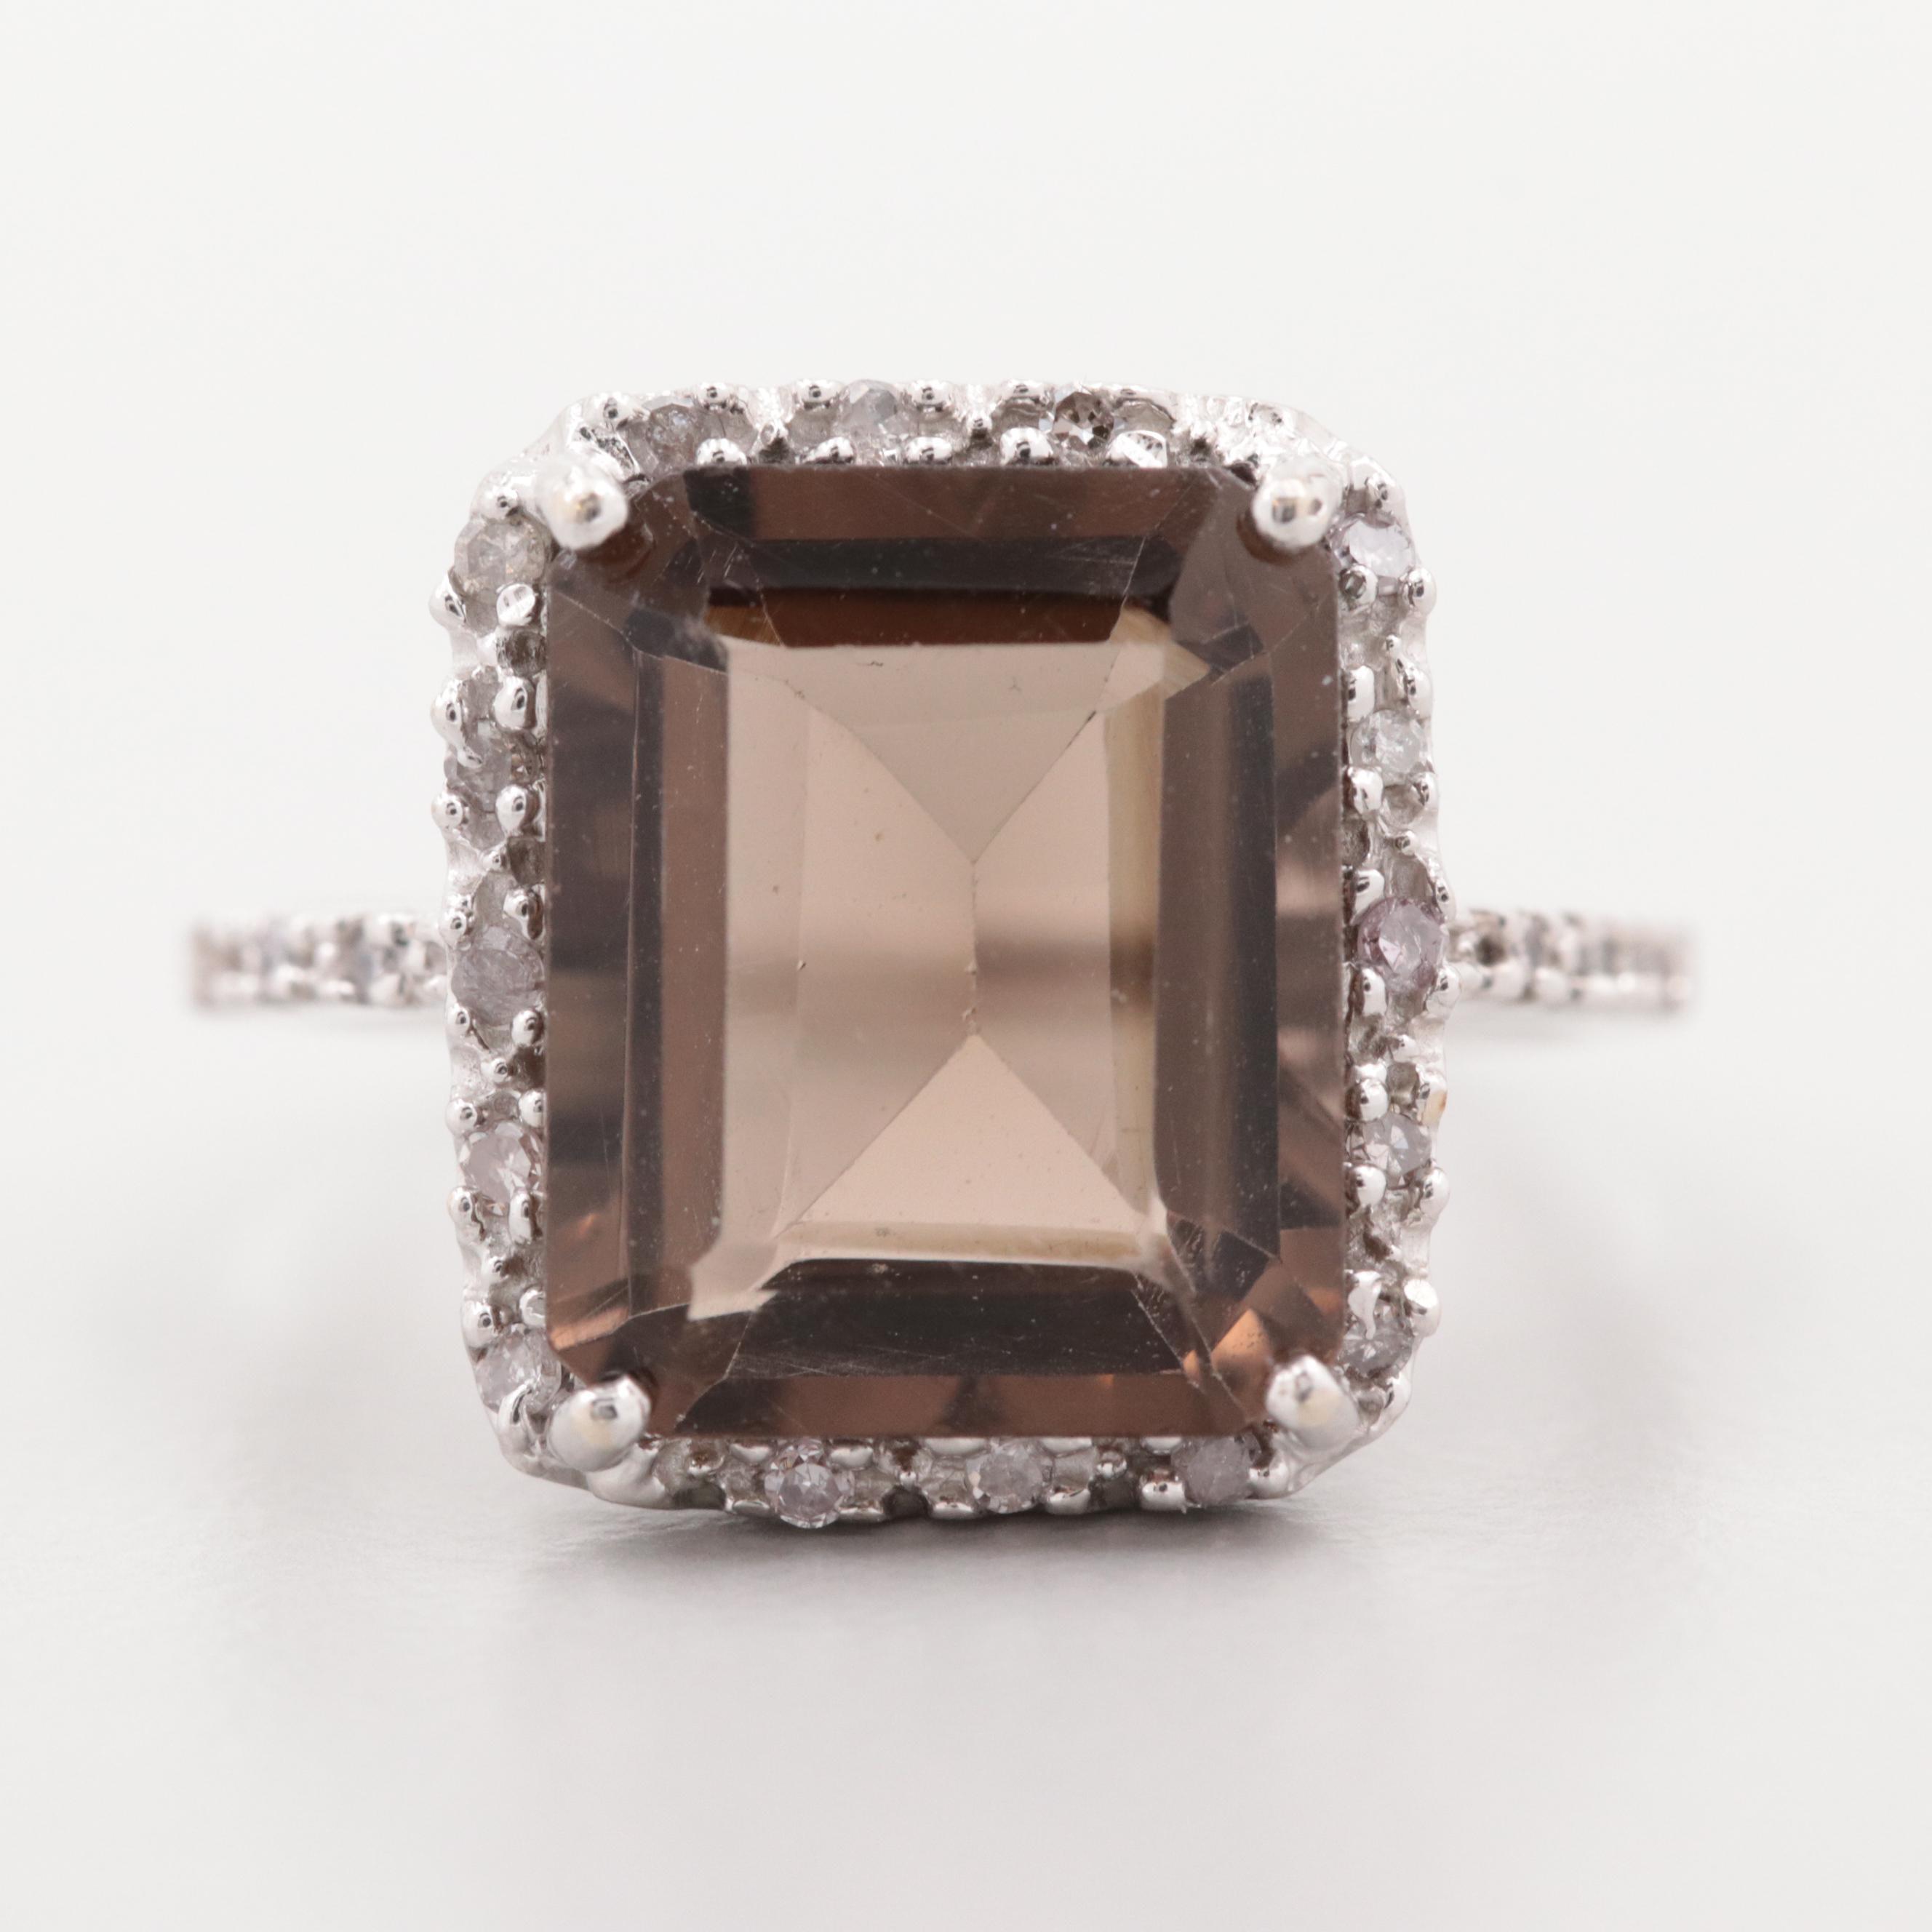 10K White Gold Smoky Quartz Ring with Diamond Halo